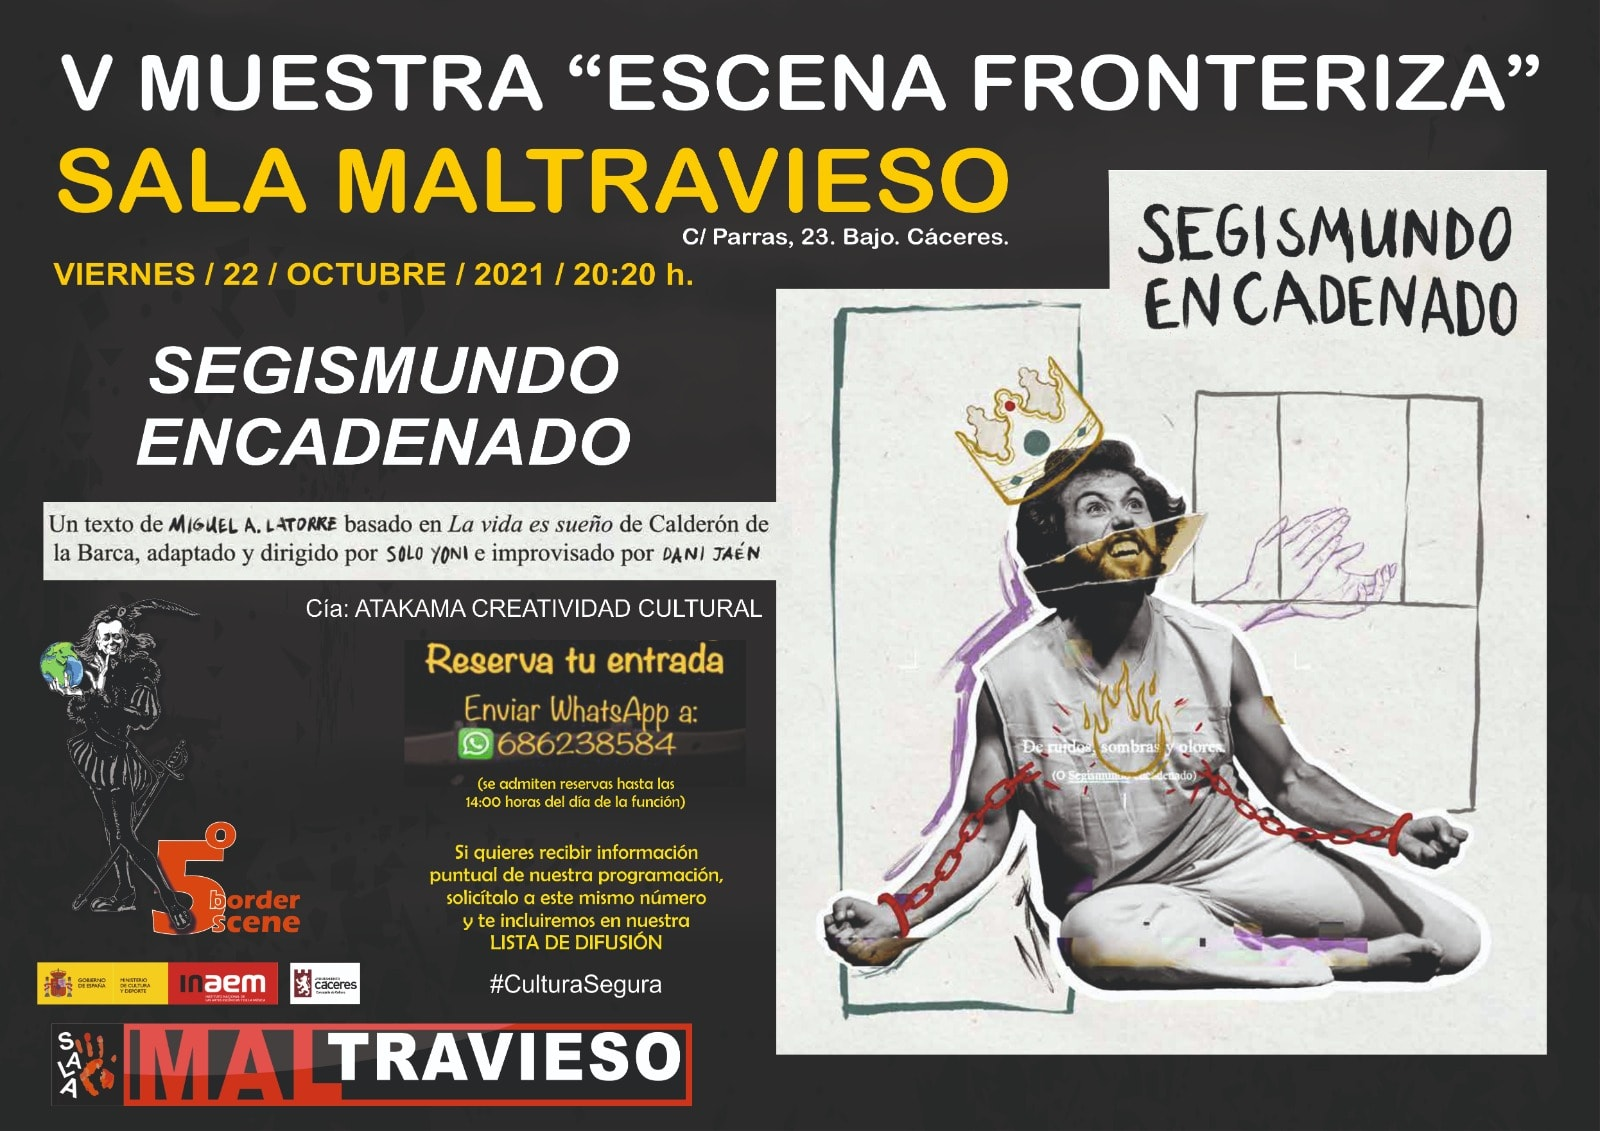 Segismundo Encadenado Cía: Atakama Creatividad Cultural (Extremadura)